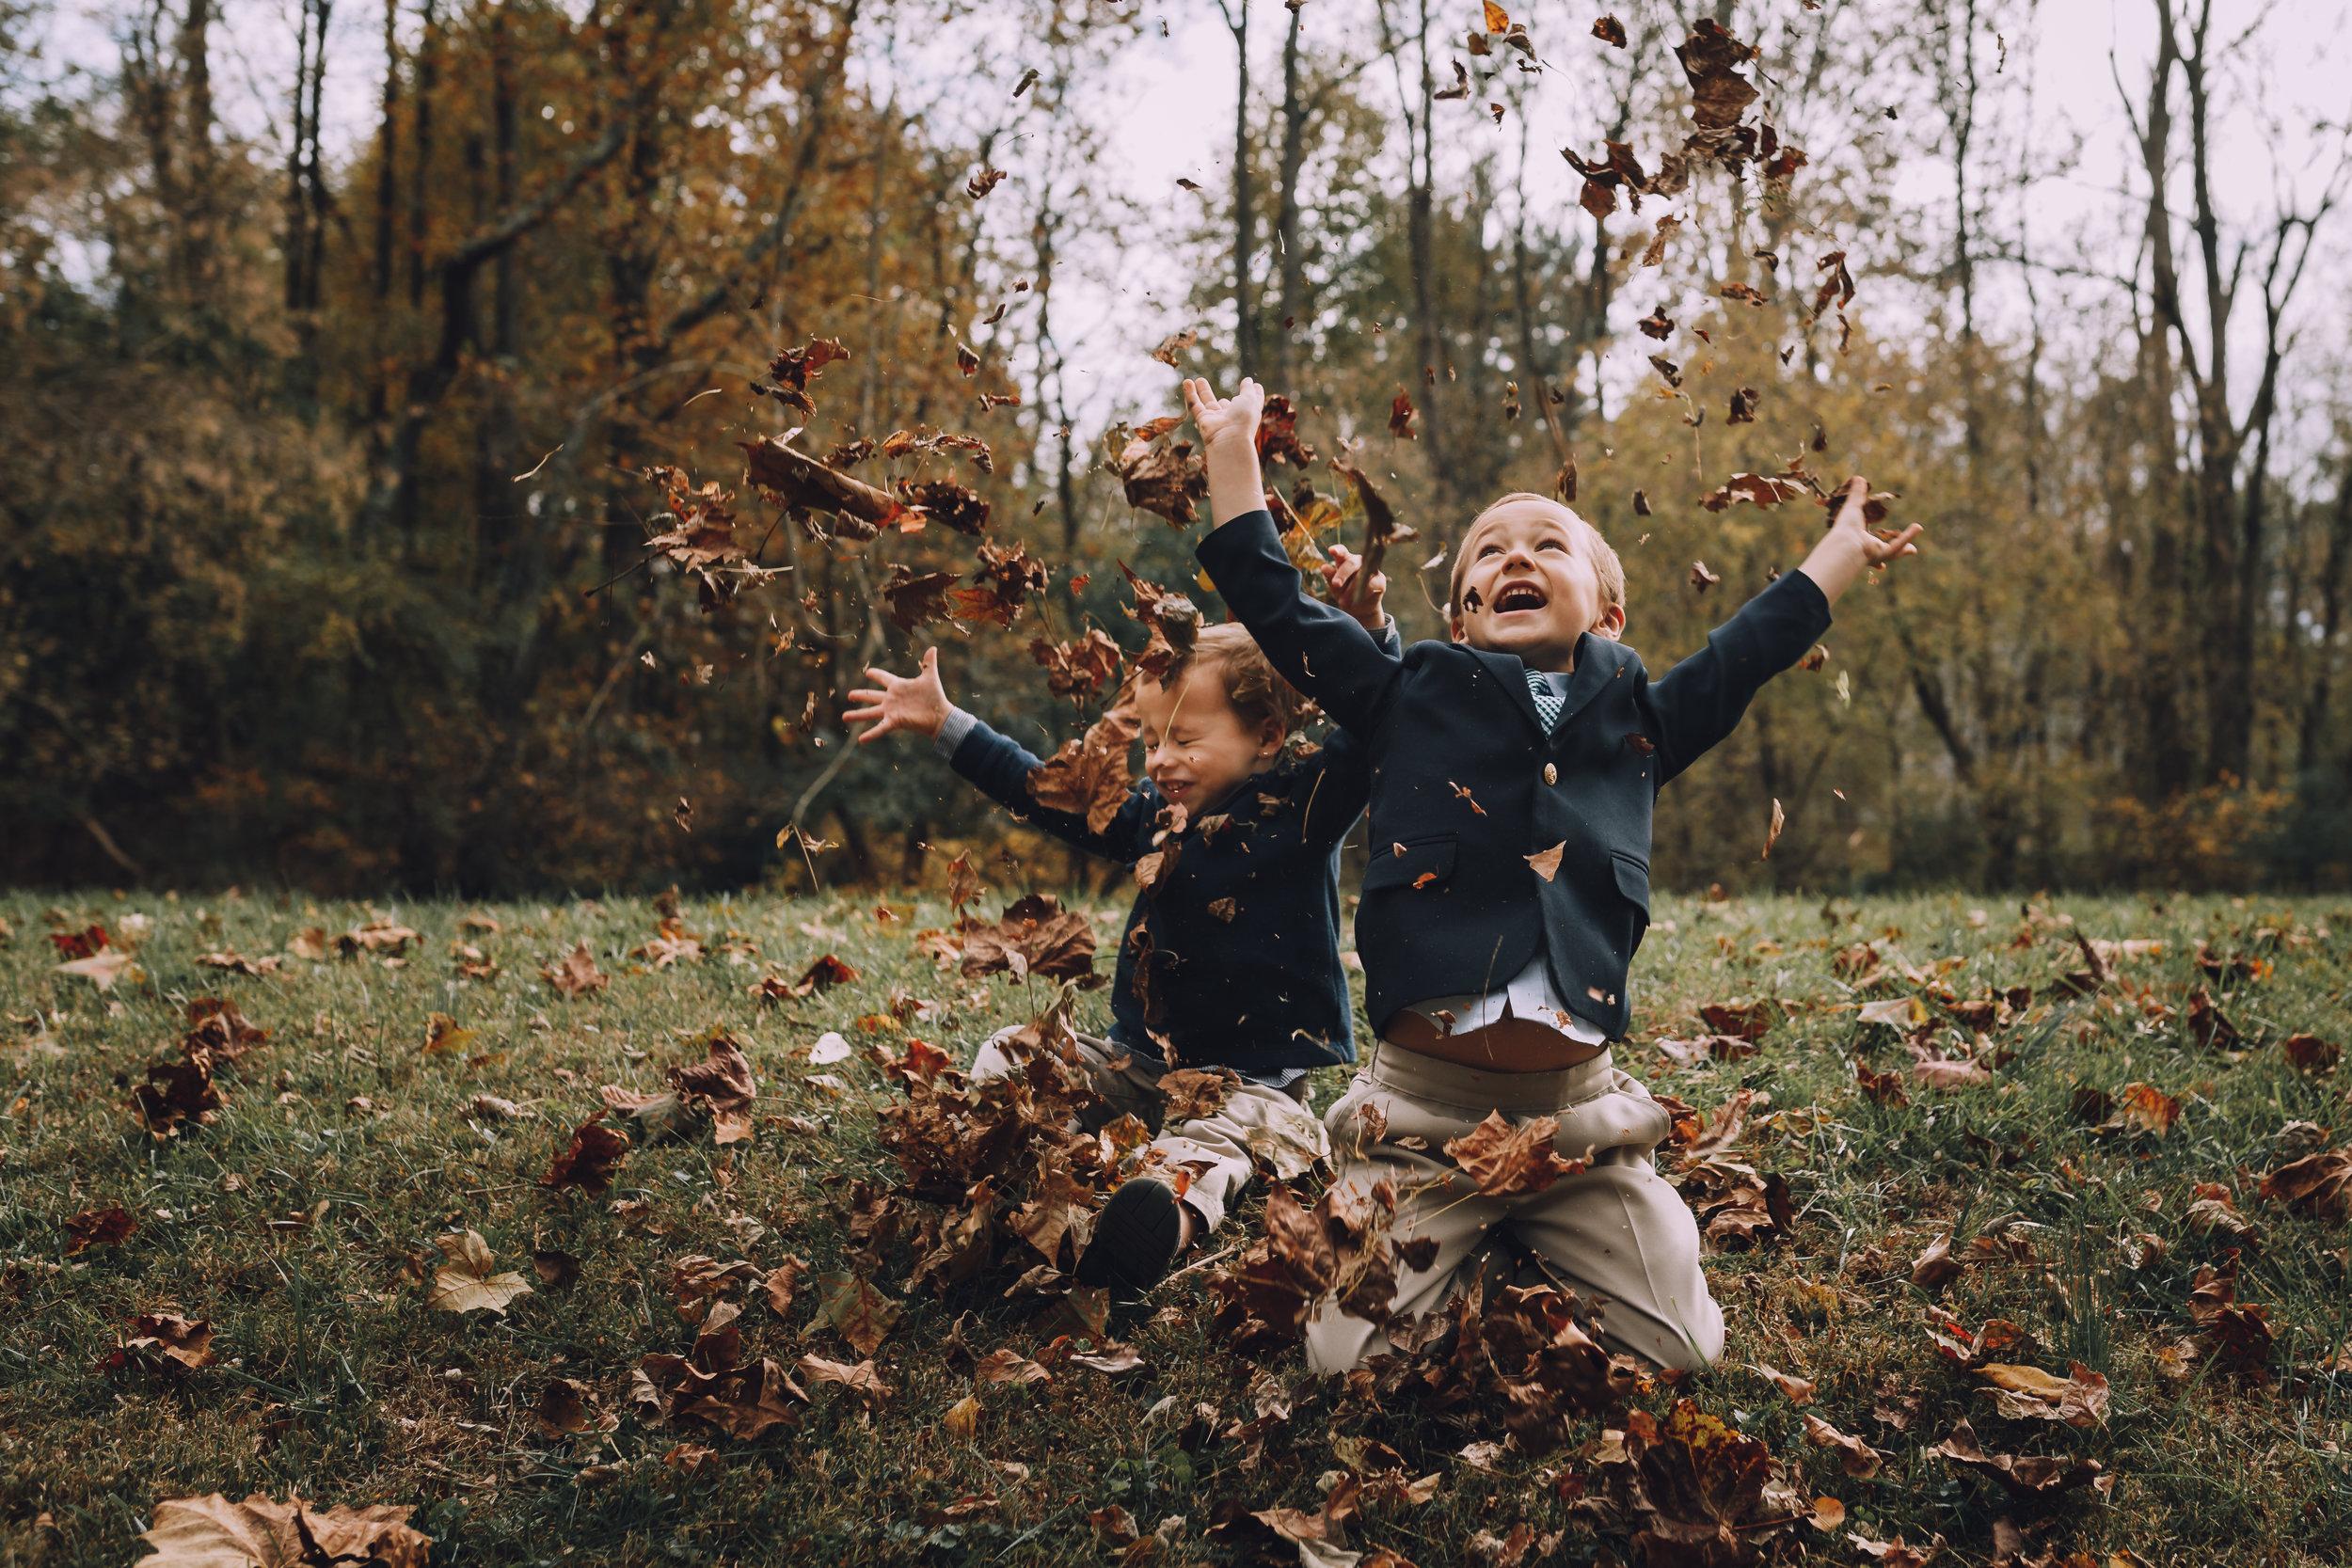 Family_Photographer_Rockville_Maryland13.jpg